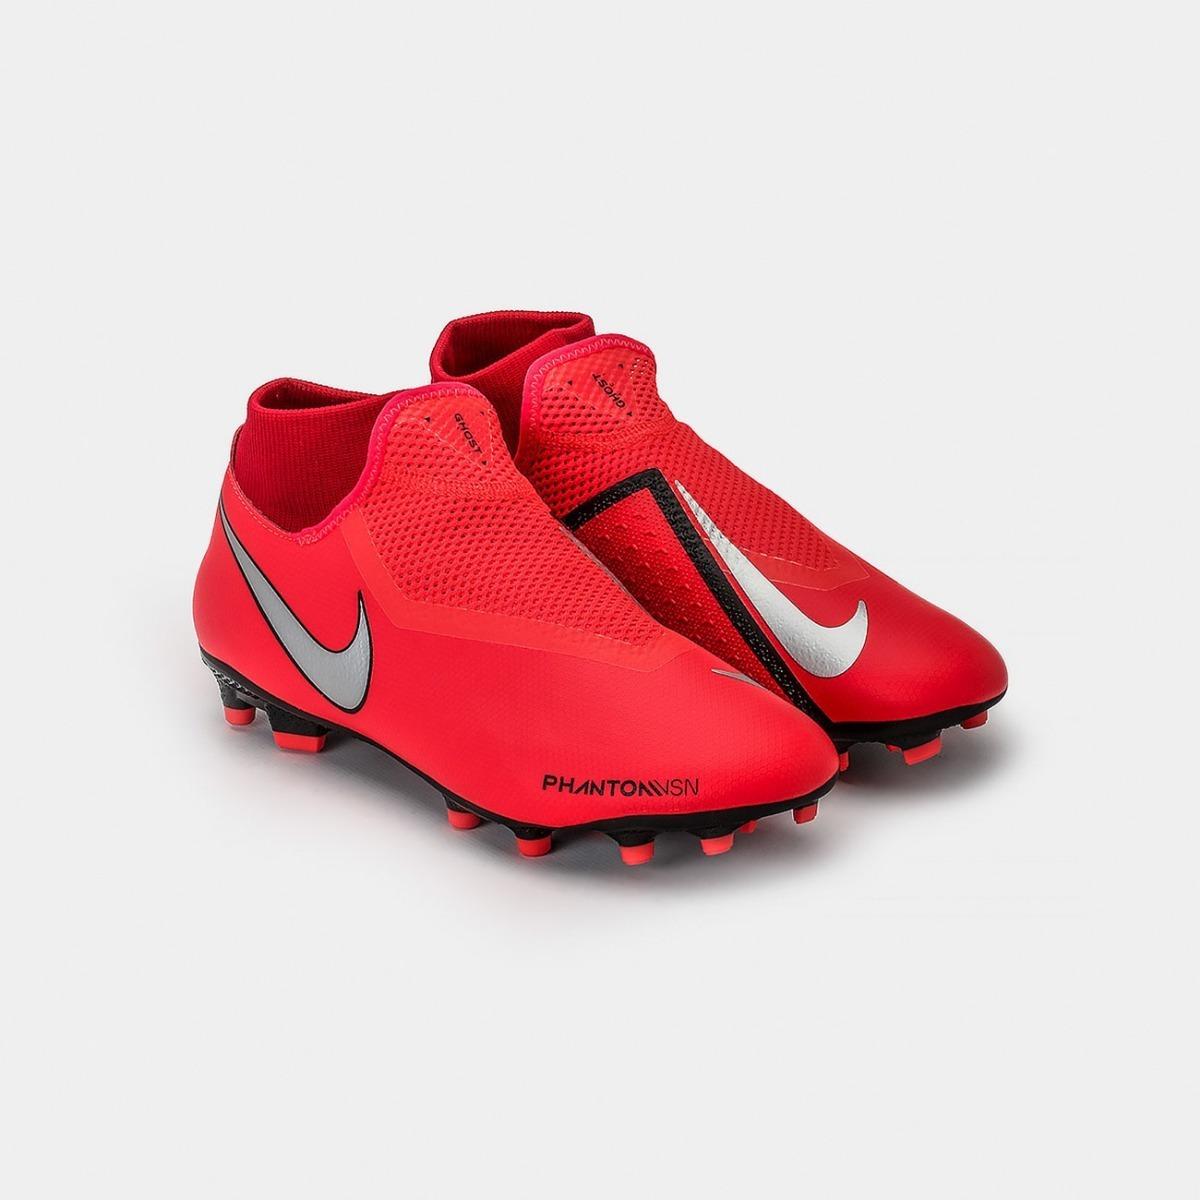 botas nike phantom rojo taquete tachon 2019 hombre original. Cargando zoom. 1e6de8c46d320